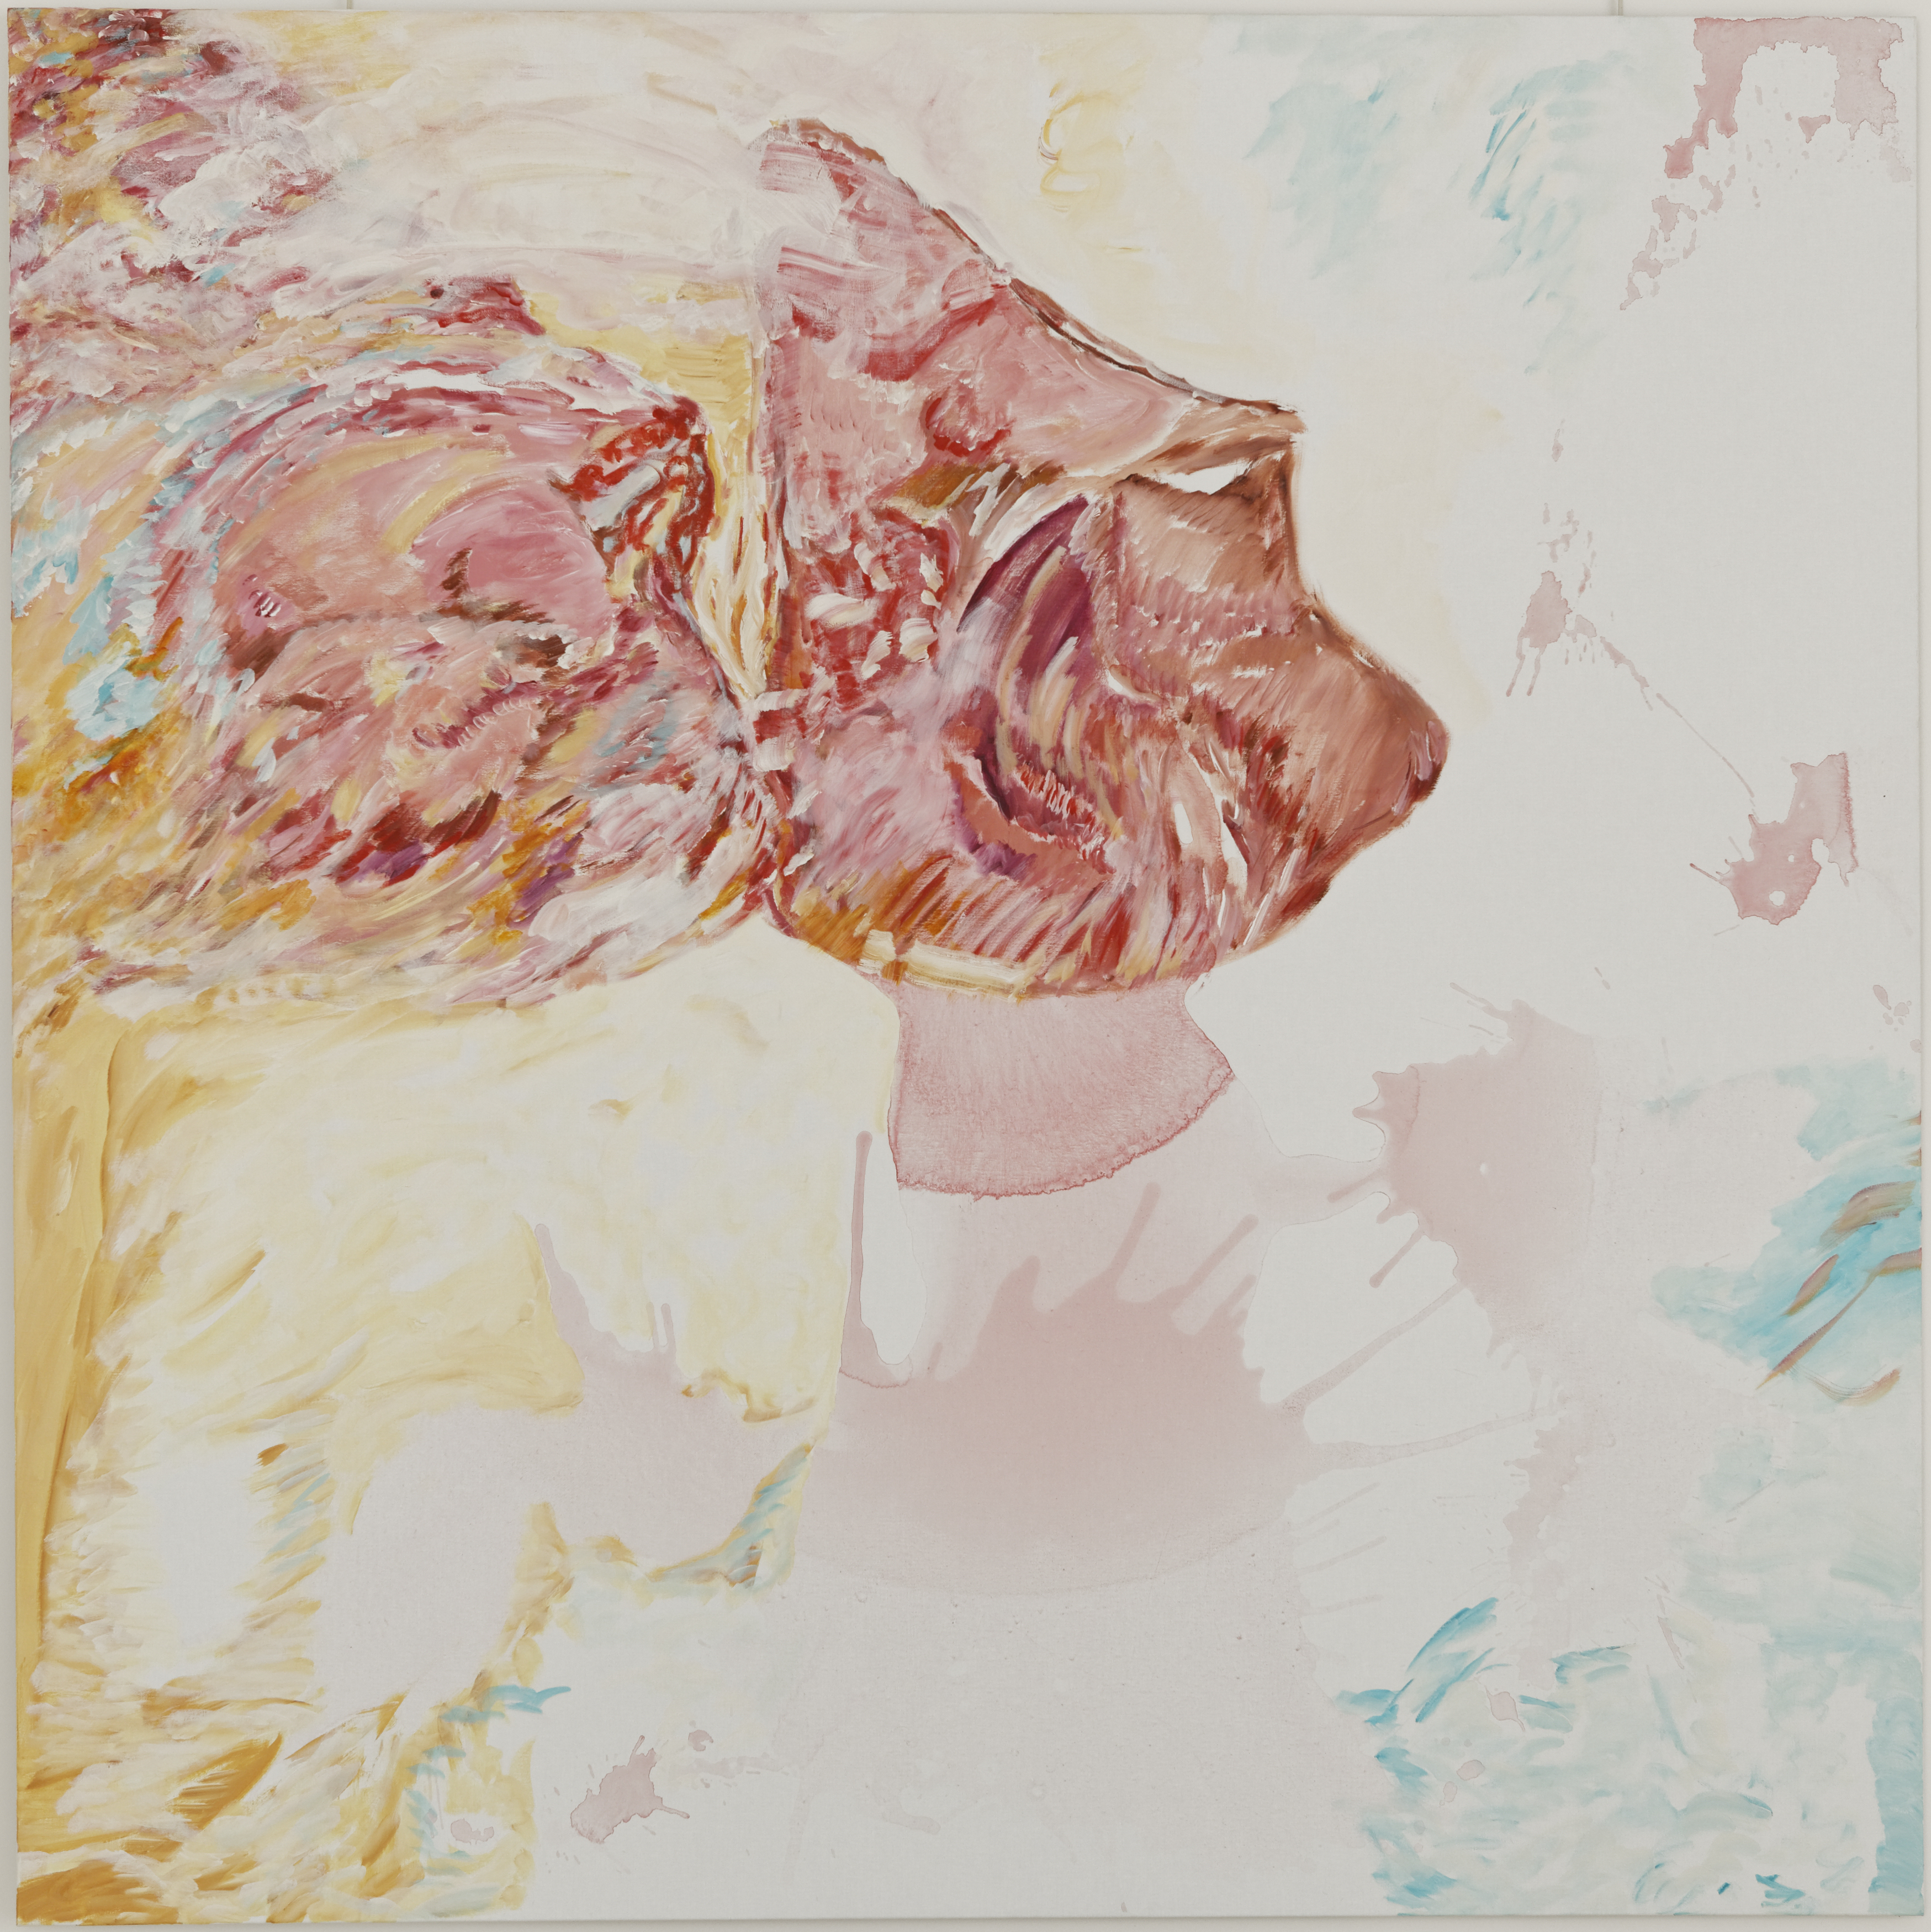 A s'y sentir (acrylic on canvas, 200 x 200 cm - 2016).